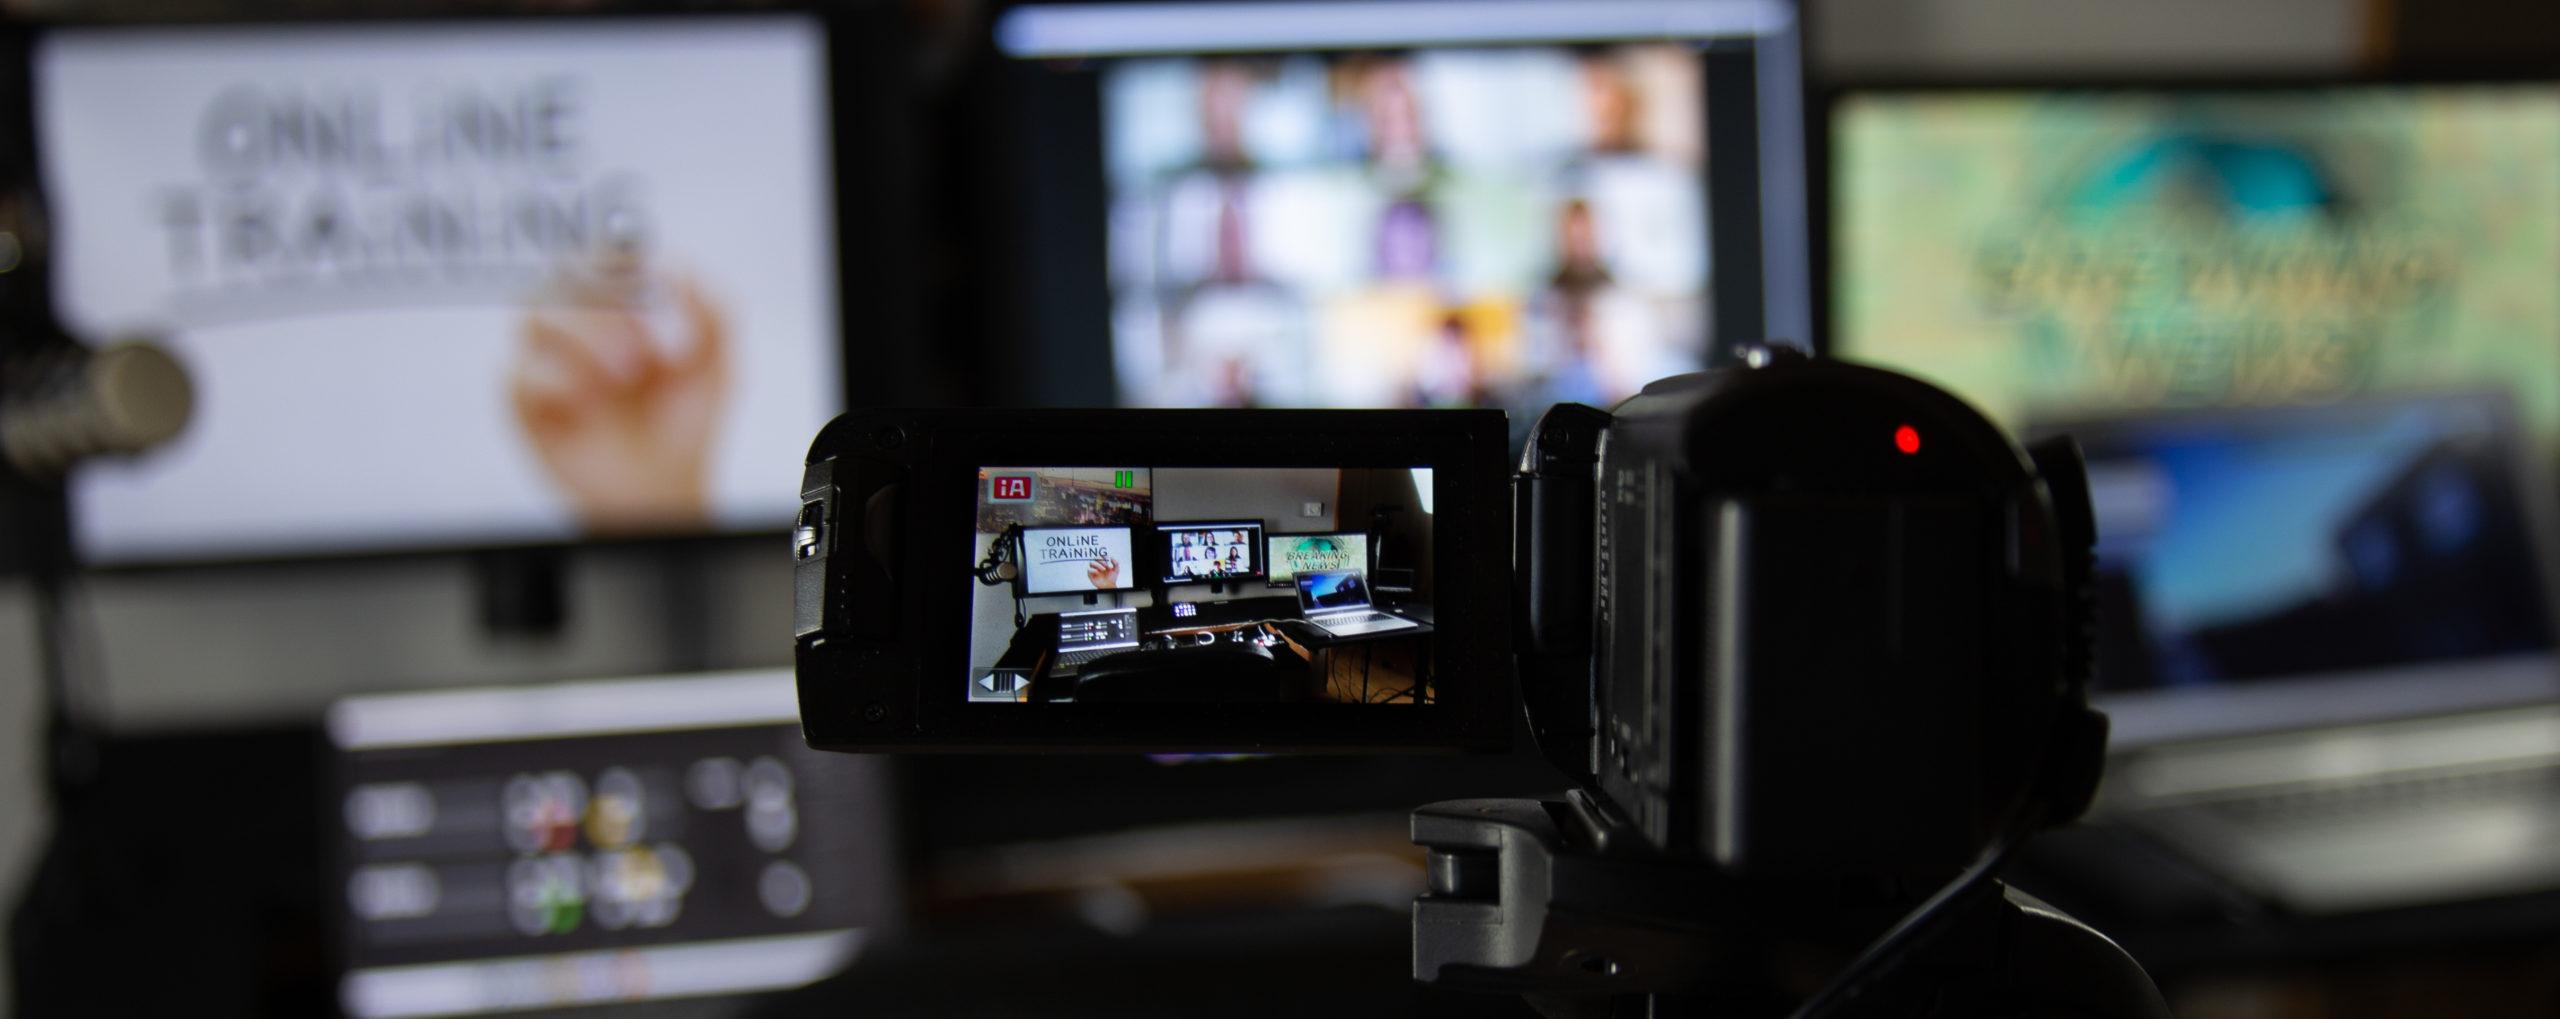 online streaming eller strømming av events kurs konserter møter webinarer og arrangmenter